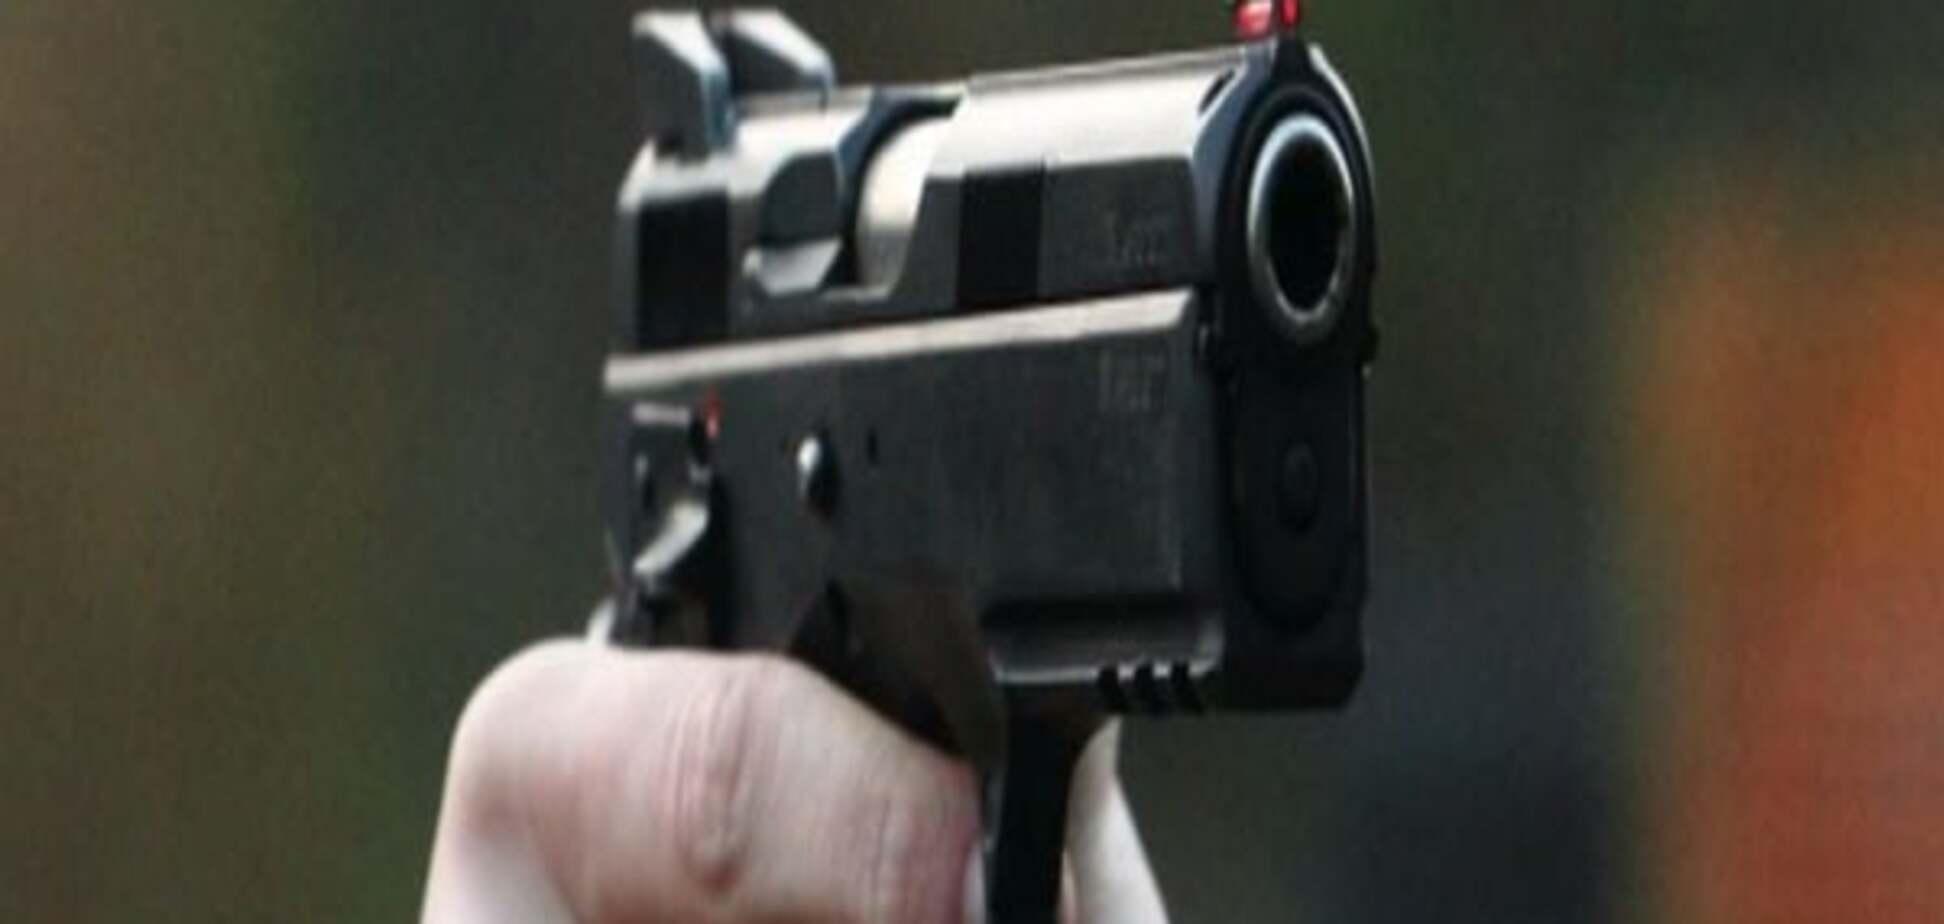 Зняли номер, вживали алкоголь: в поліції розповіли про стрілянину в мотелі поблизу Львова